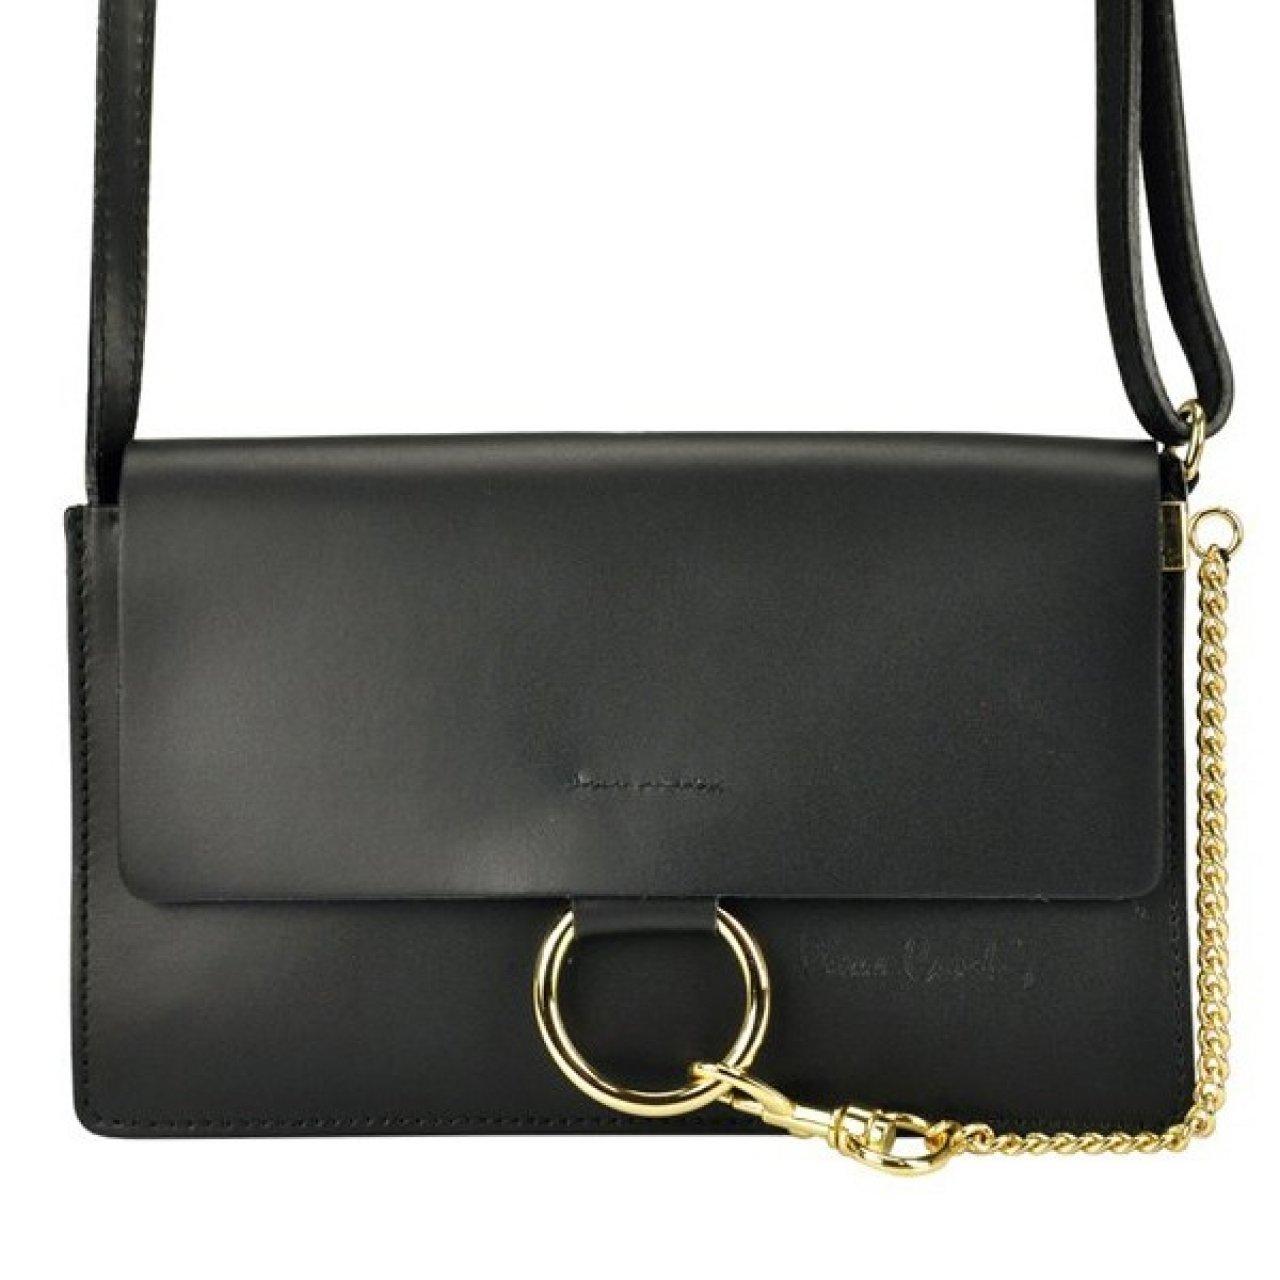 Dámská kožená kabelka Pierre Cardin Ruga - černá  c2c41062ea0